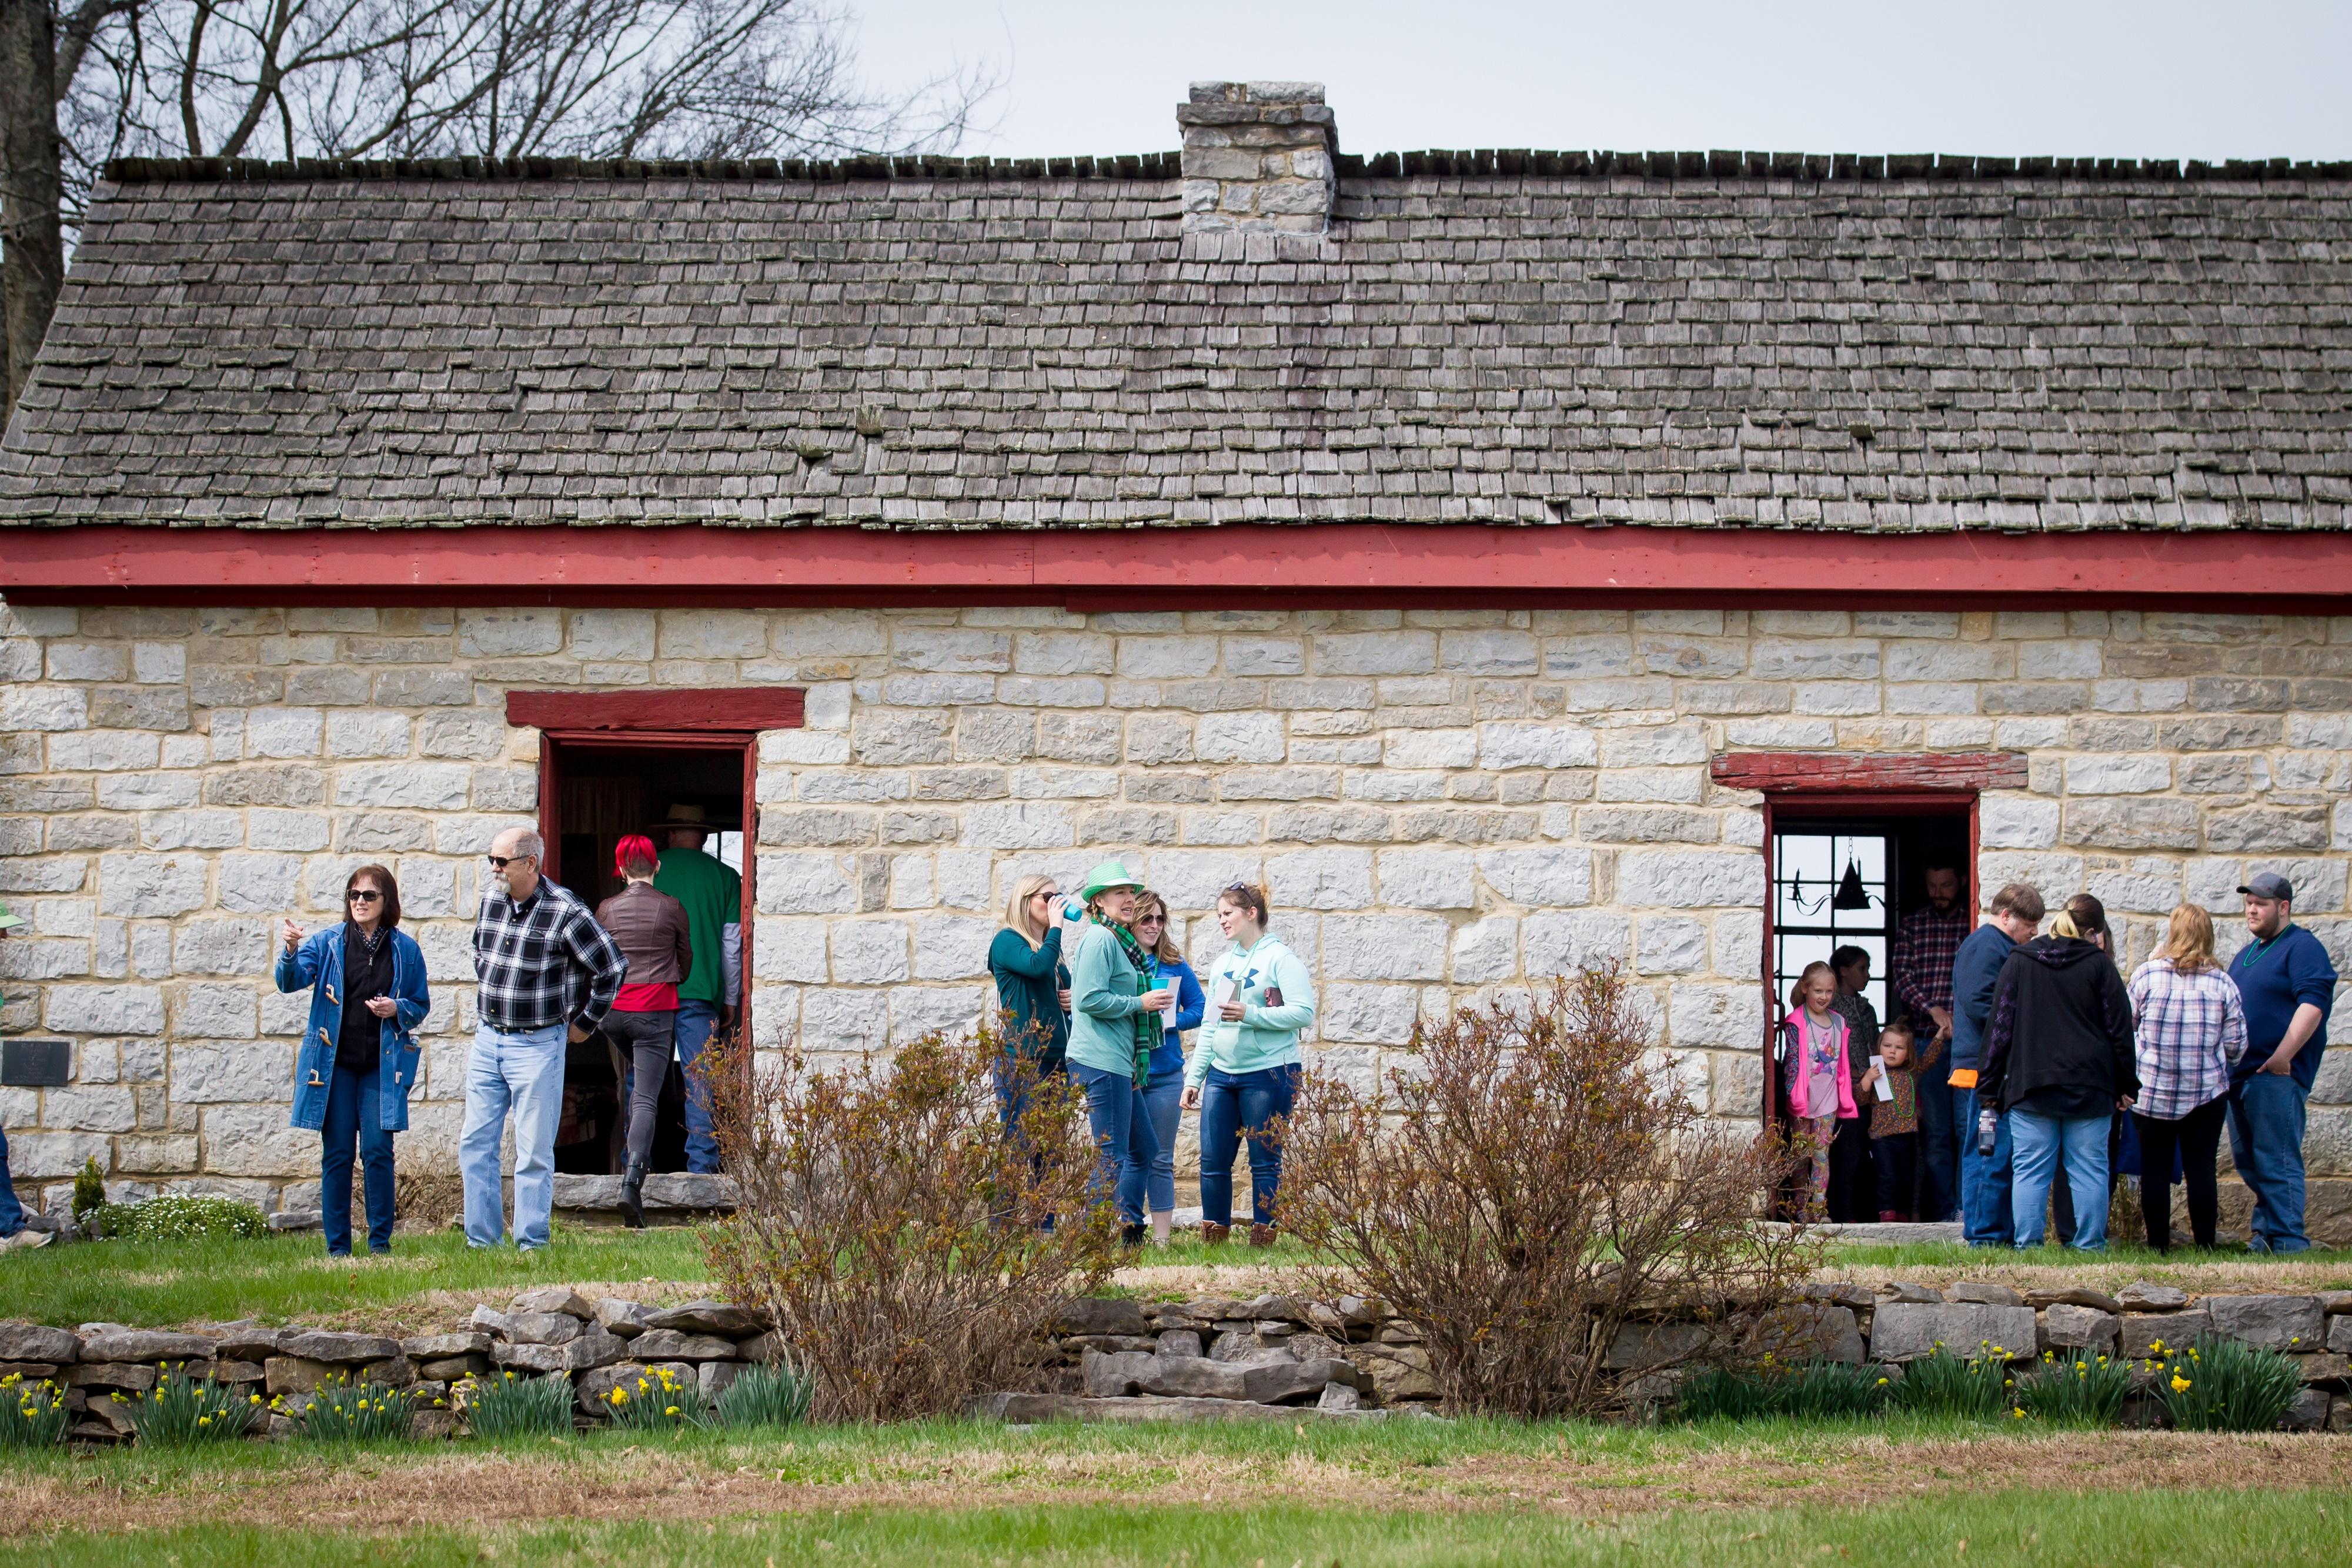 Bledsoe's Fort Historical Park in Castalian Springs, TN